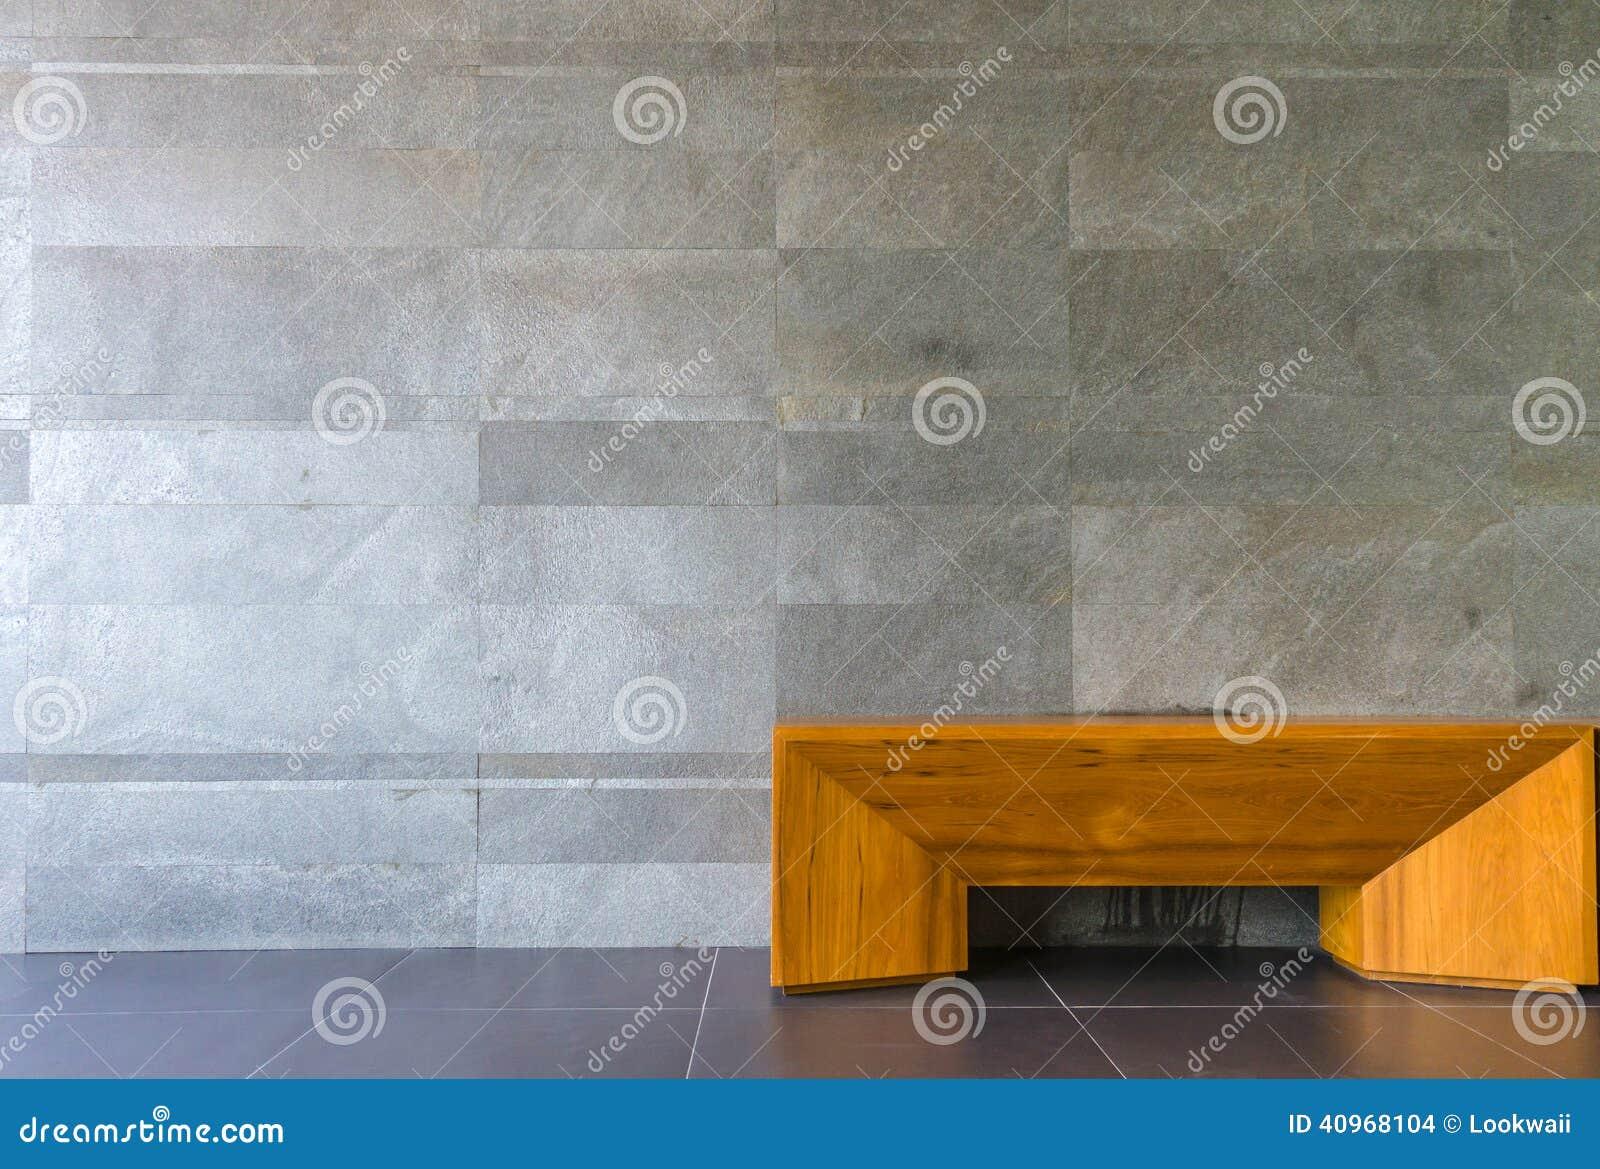 Stoel In De Woonkamer, Marmeren Muur Stock Foto - Afbeelding: 40968104